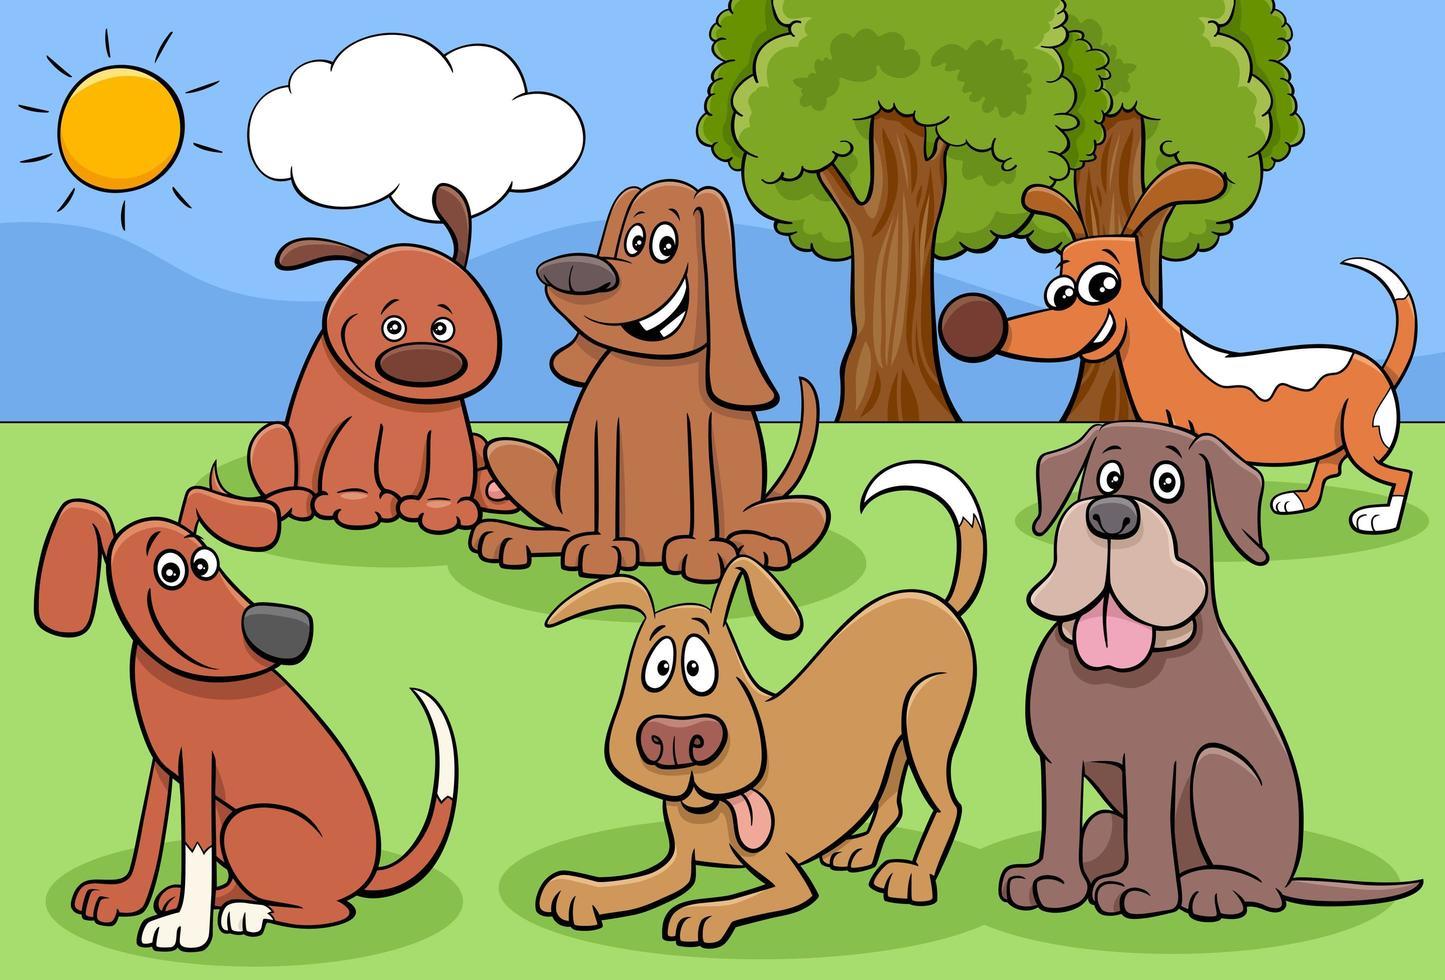 groupe de personnages de chiens et chiots de dessin animé vecteur